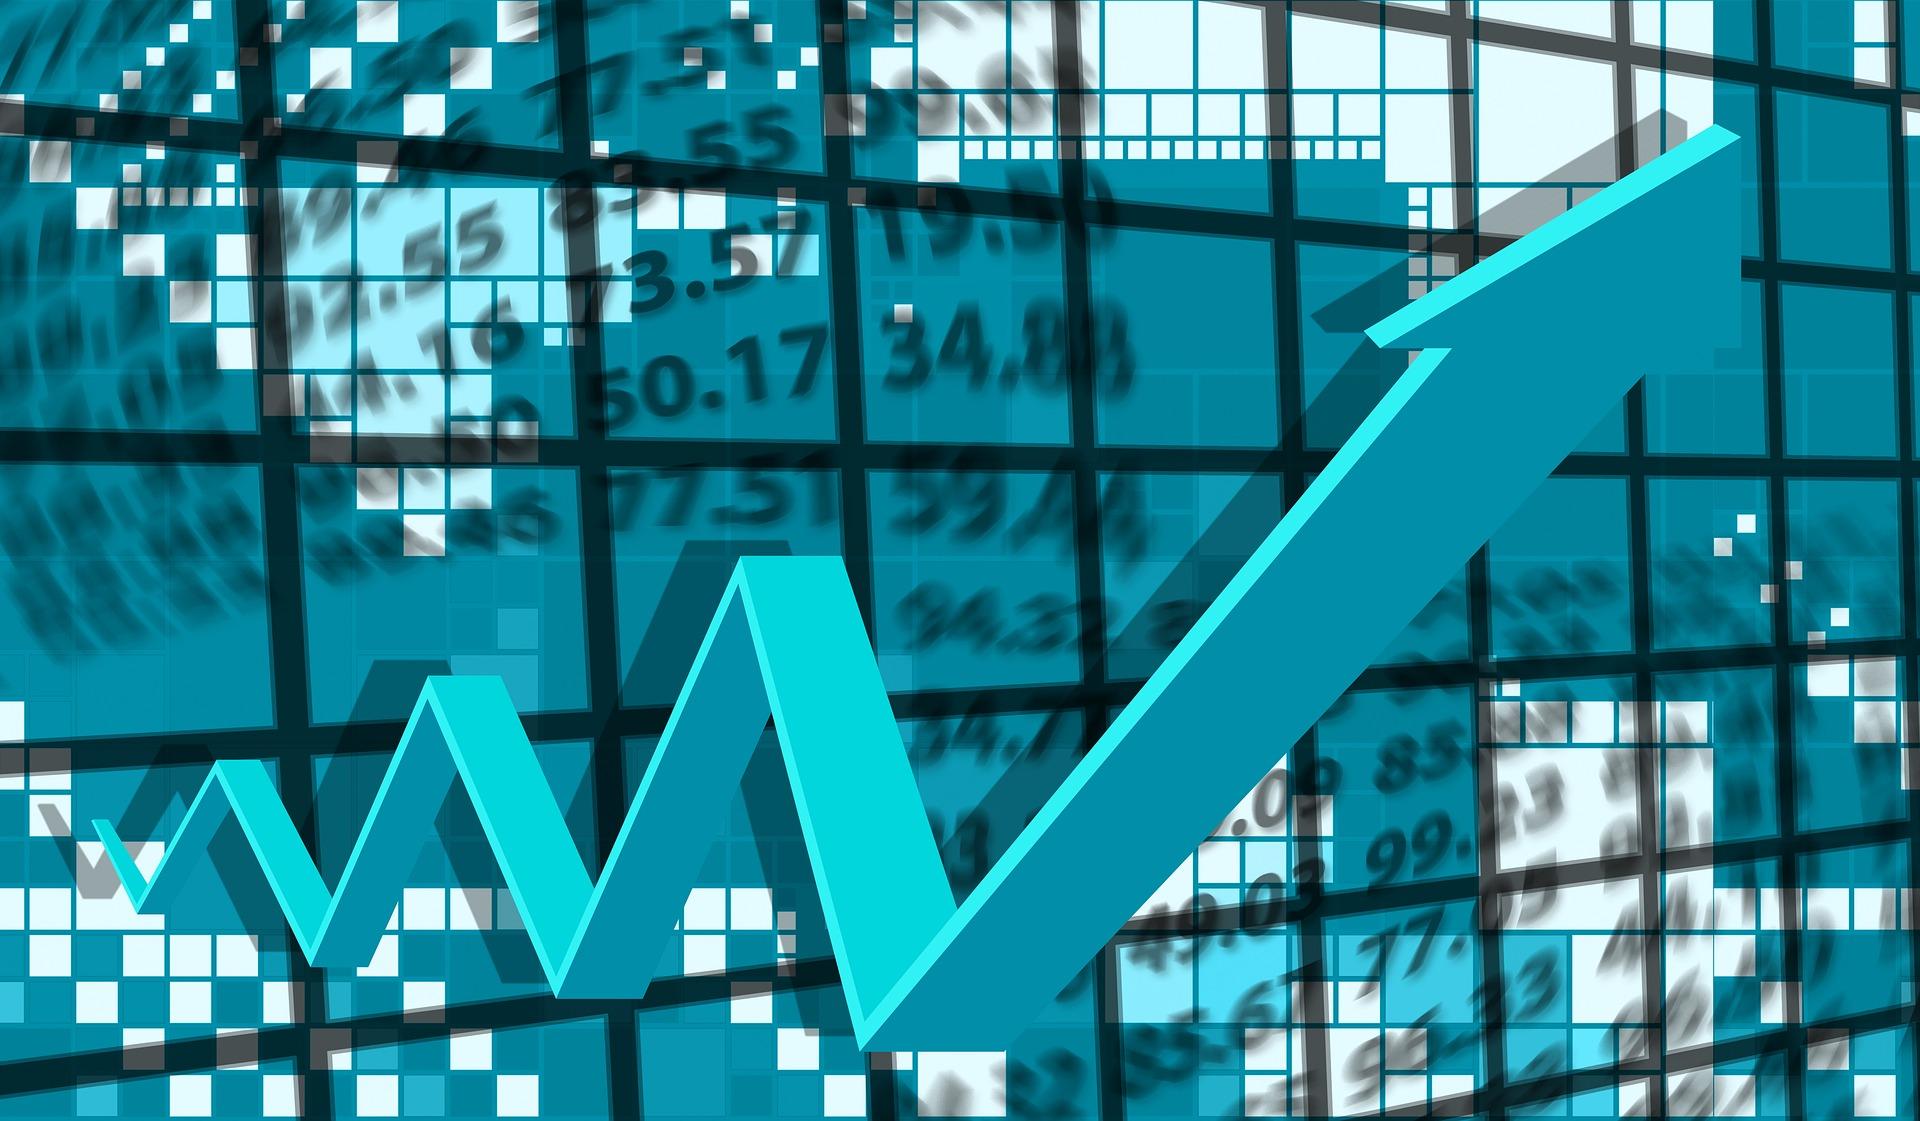 Růst akcií ve stínu korony: Je všechno v pořádku nebo hrozí černá labuť?